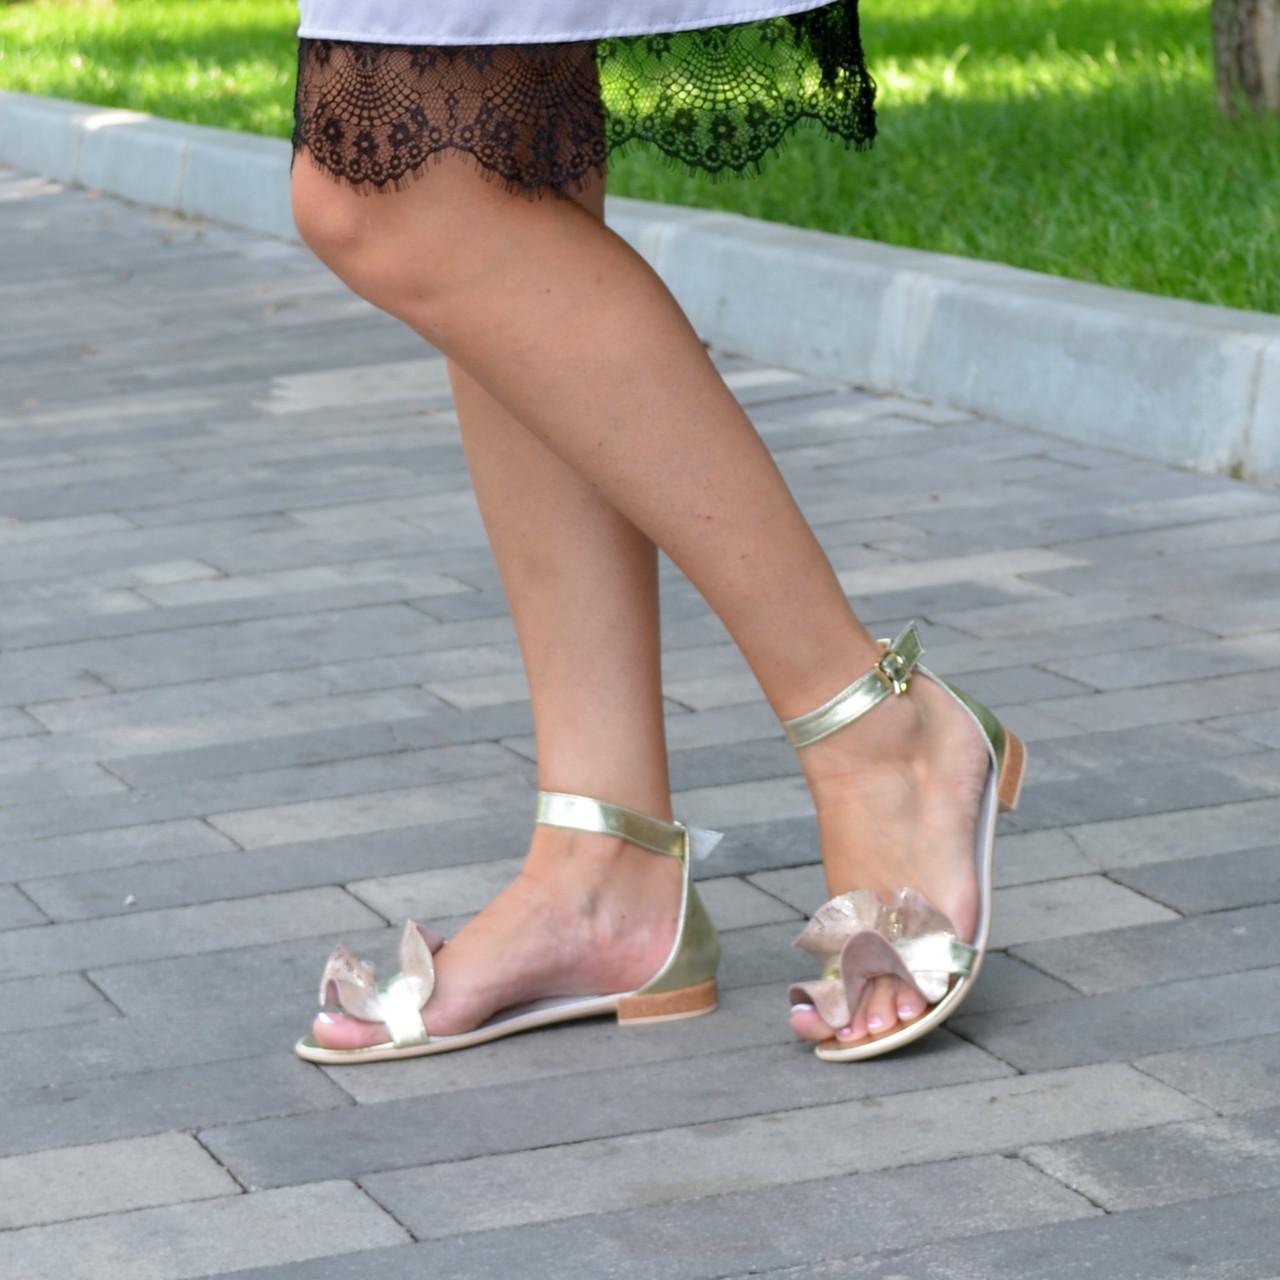 Босоножки женские кожаные на низком ходу, цвет золото. 39 размер